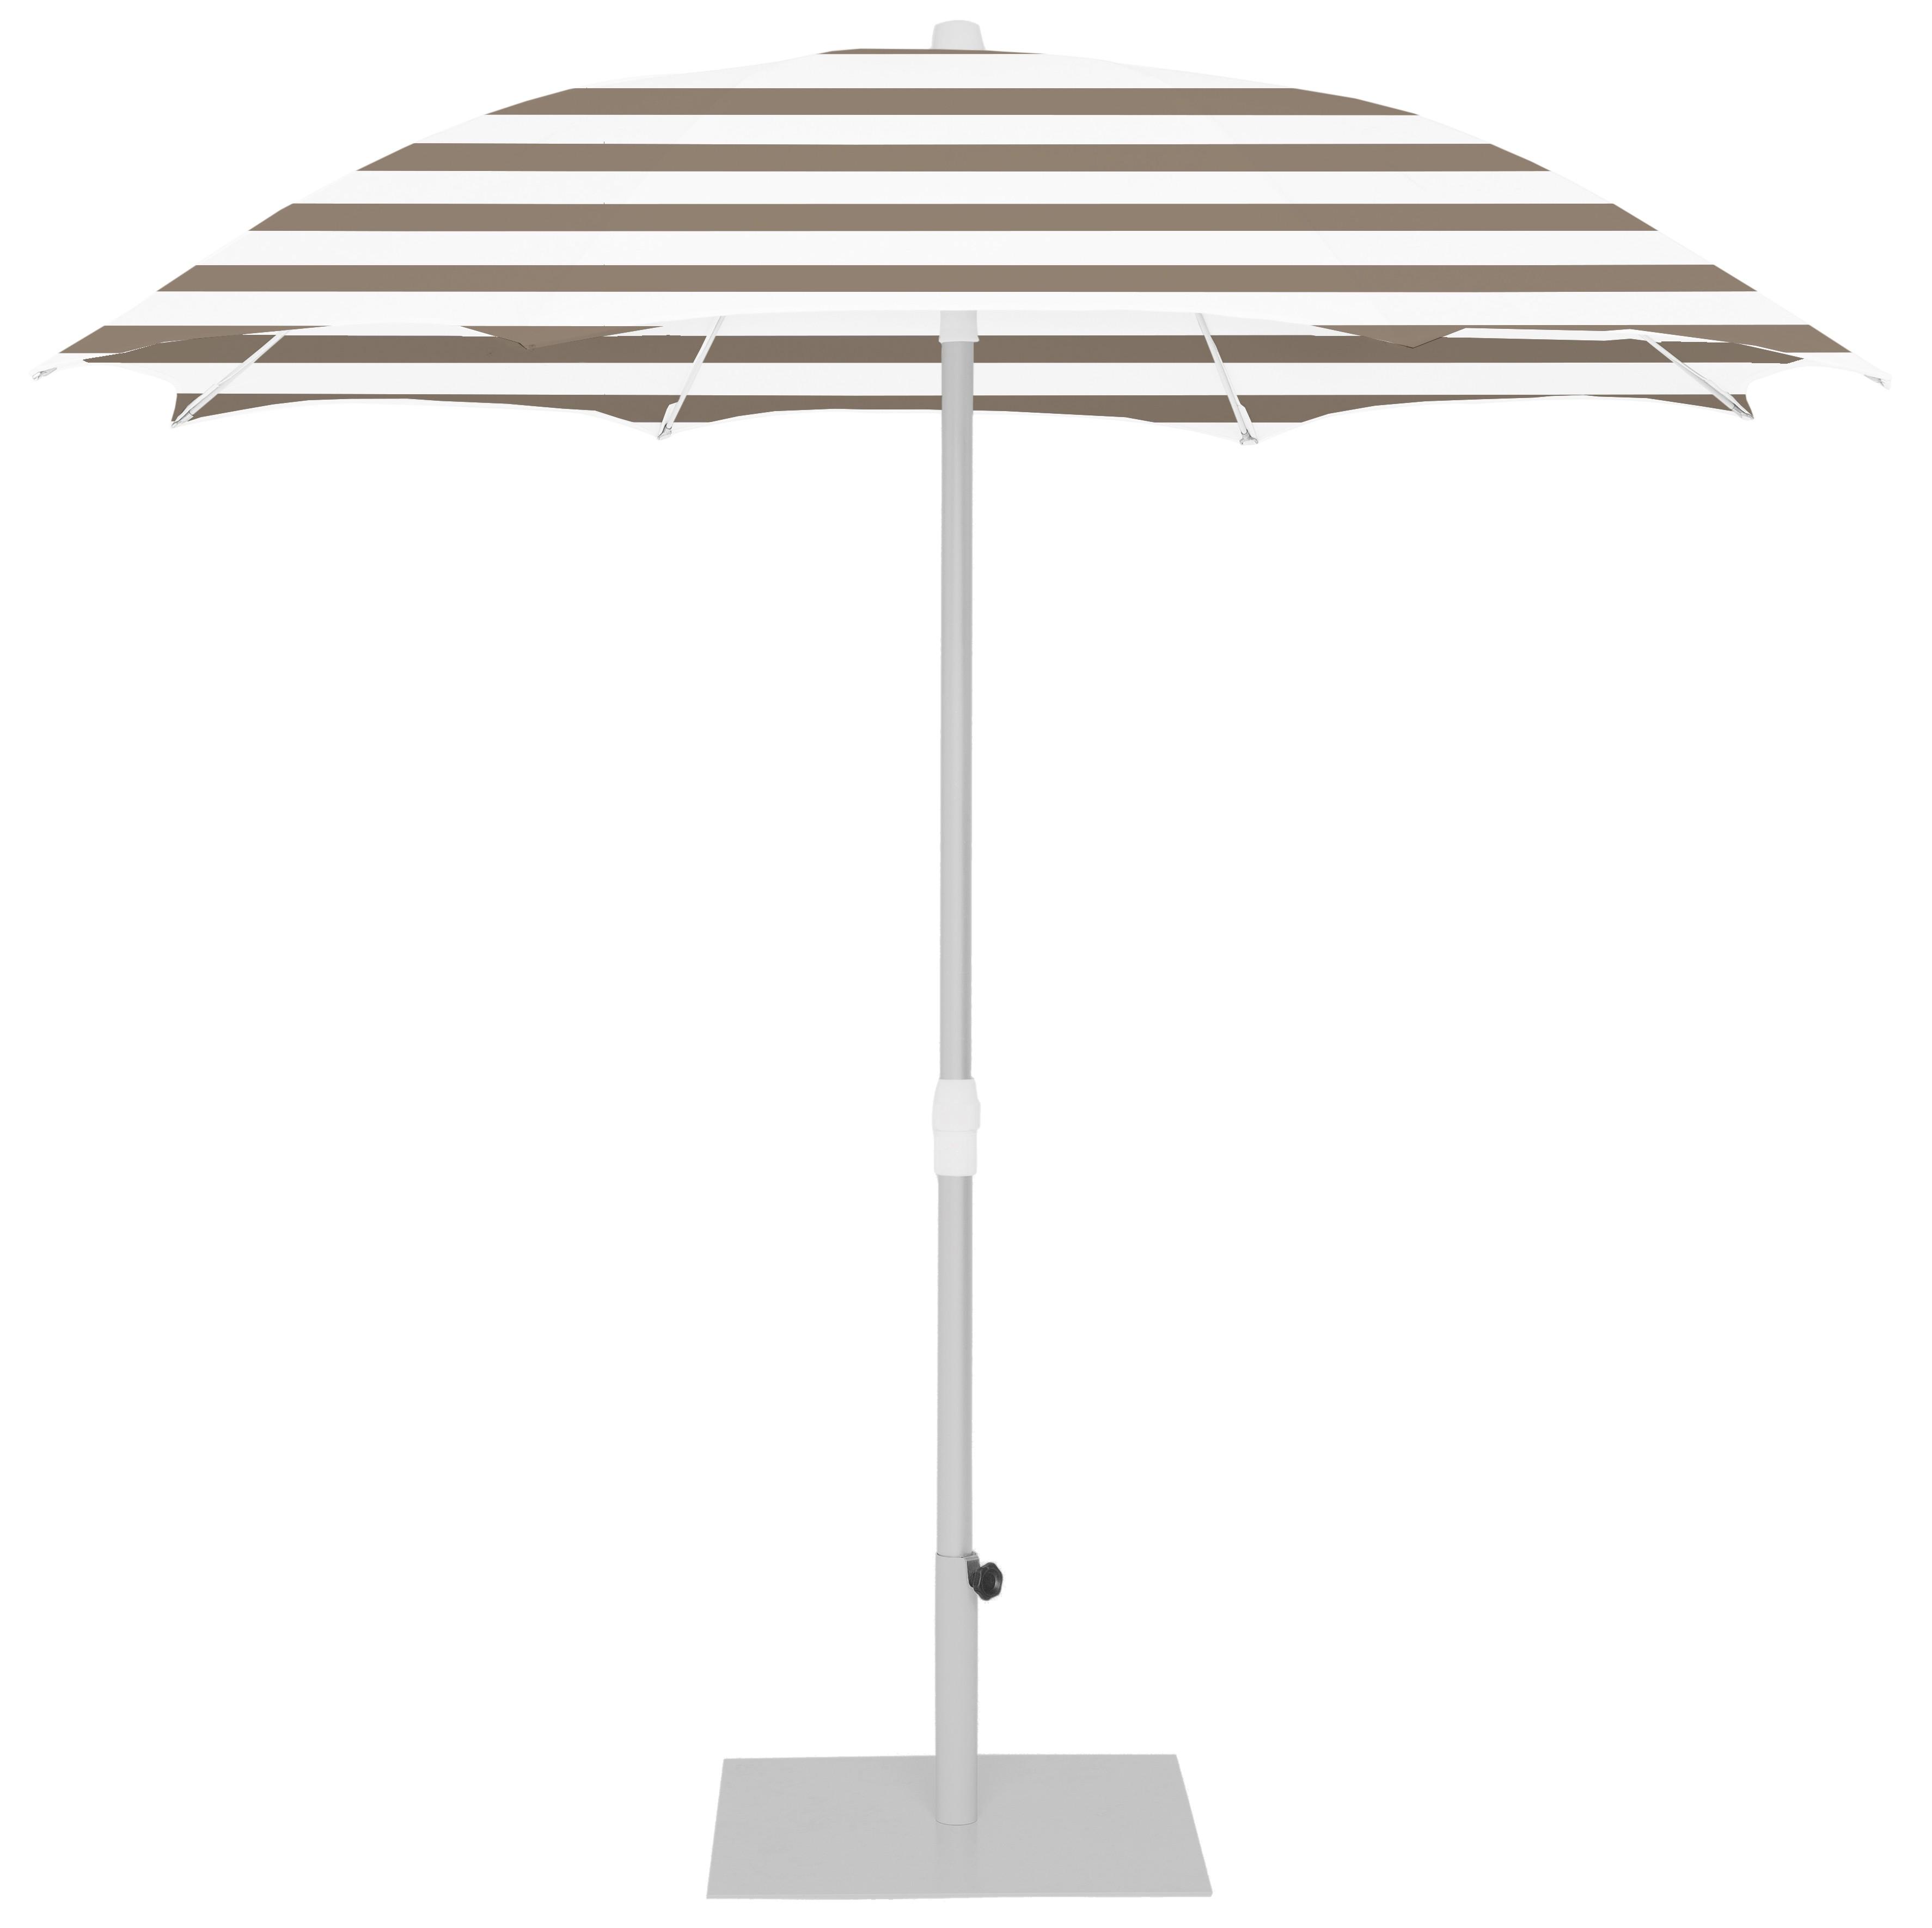 Parasol Ezpeleta Redondos Grey 0 Grises taupe stripe Olefin 2,5